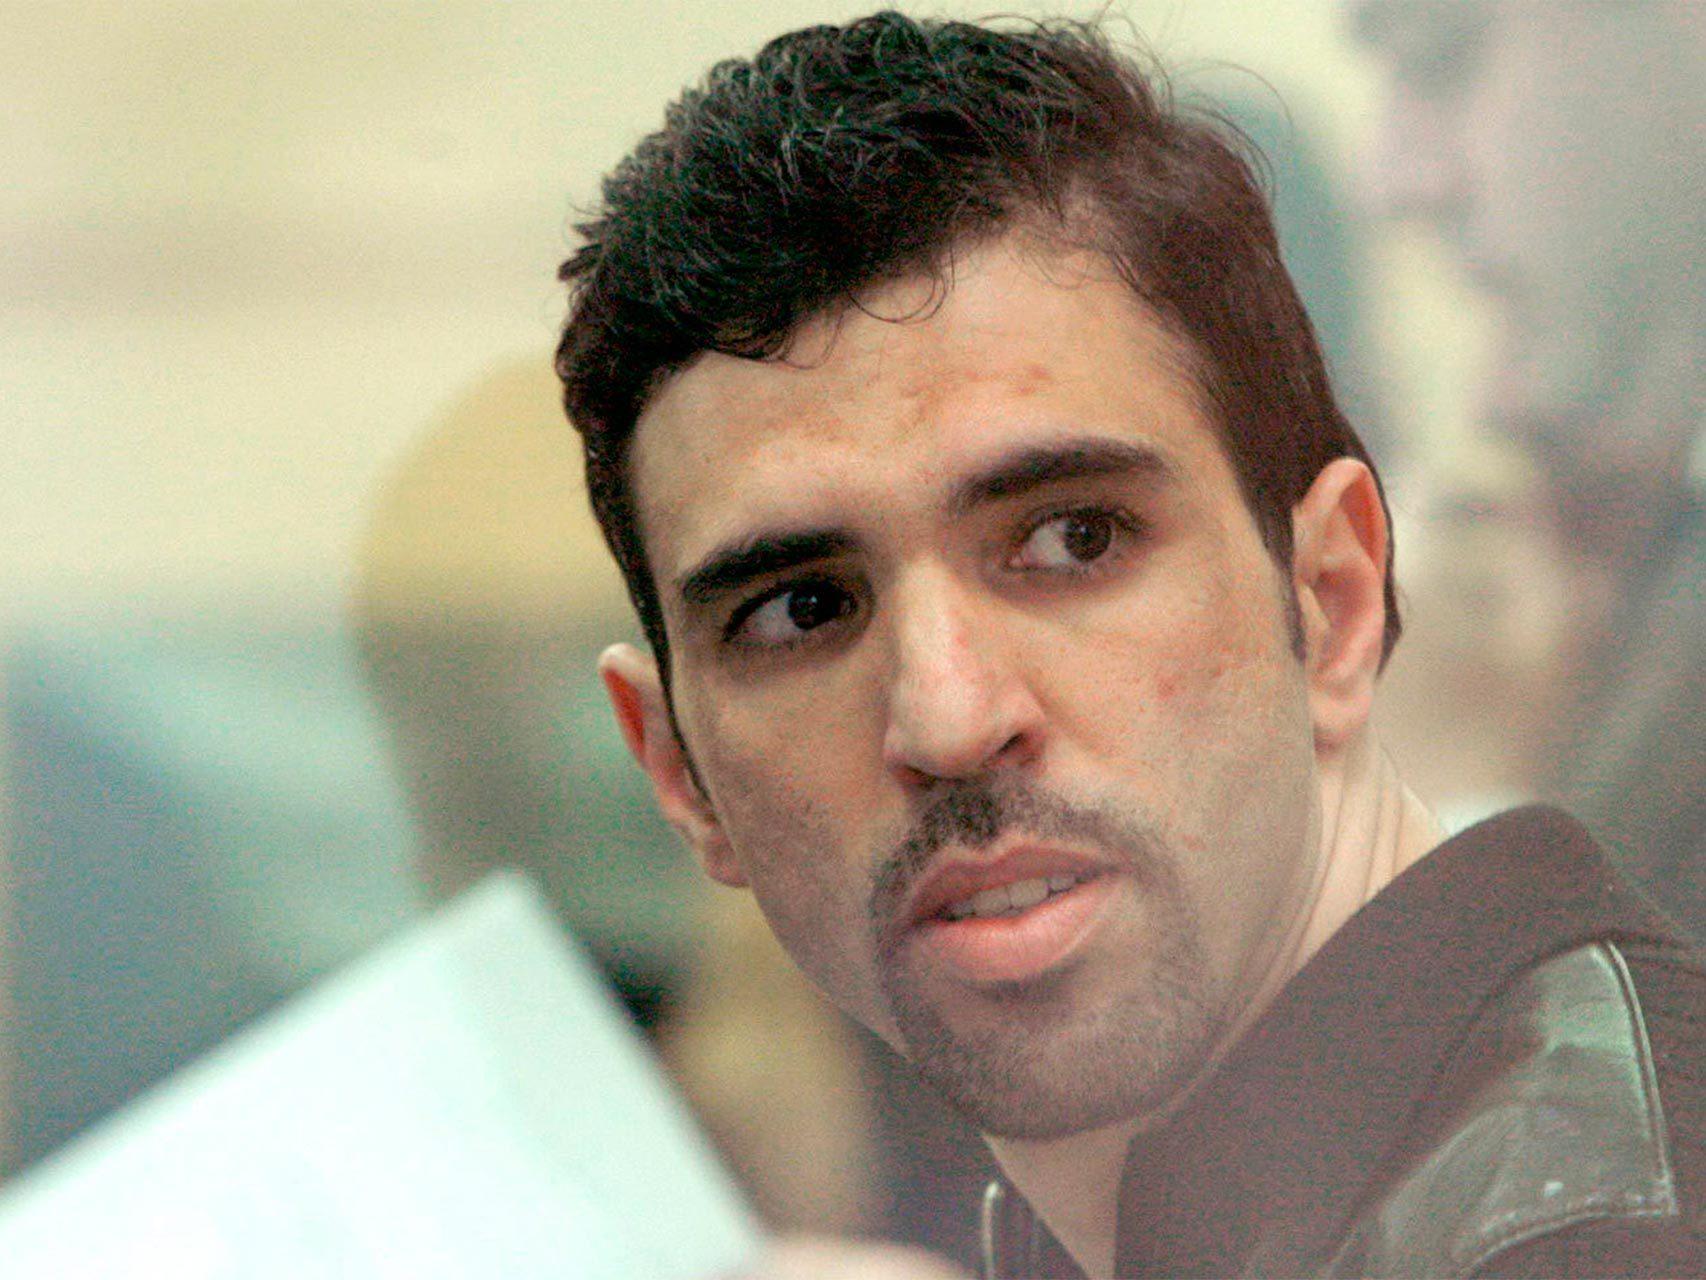 Jamal Zougam, en una imagen captada durante el juicio.